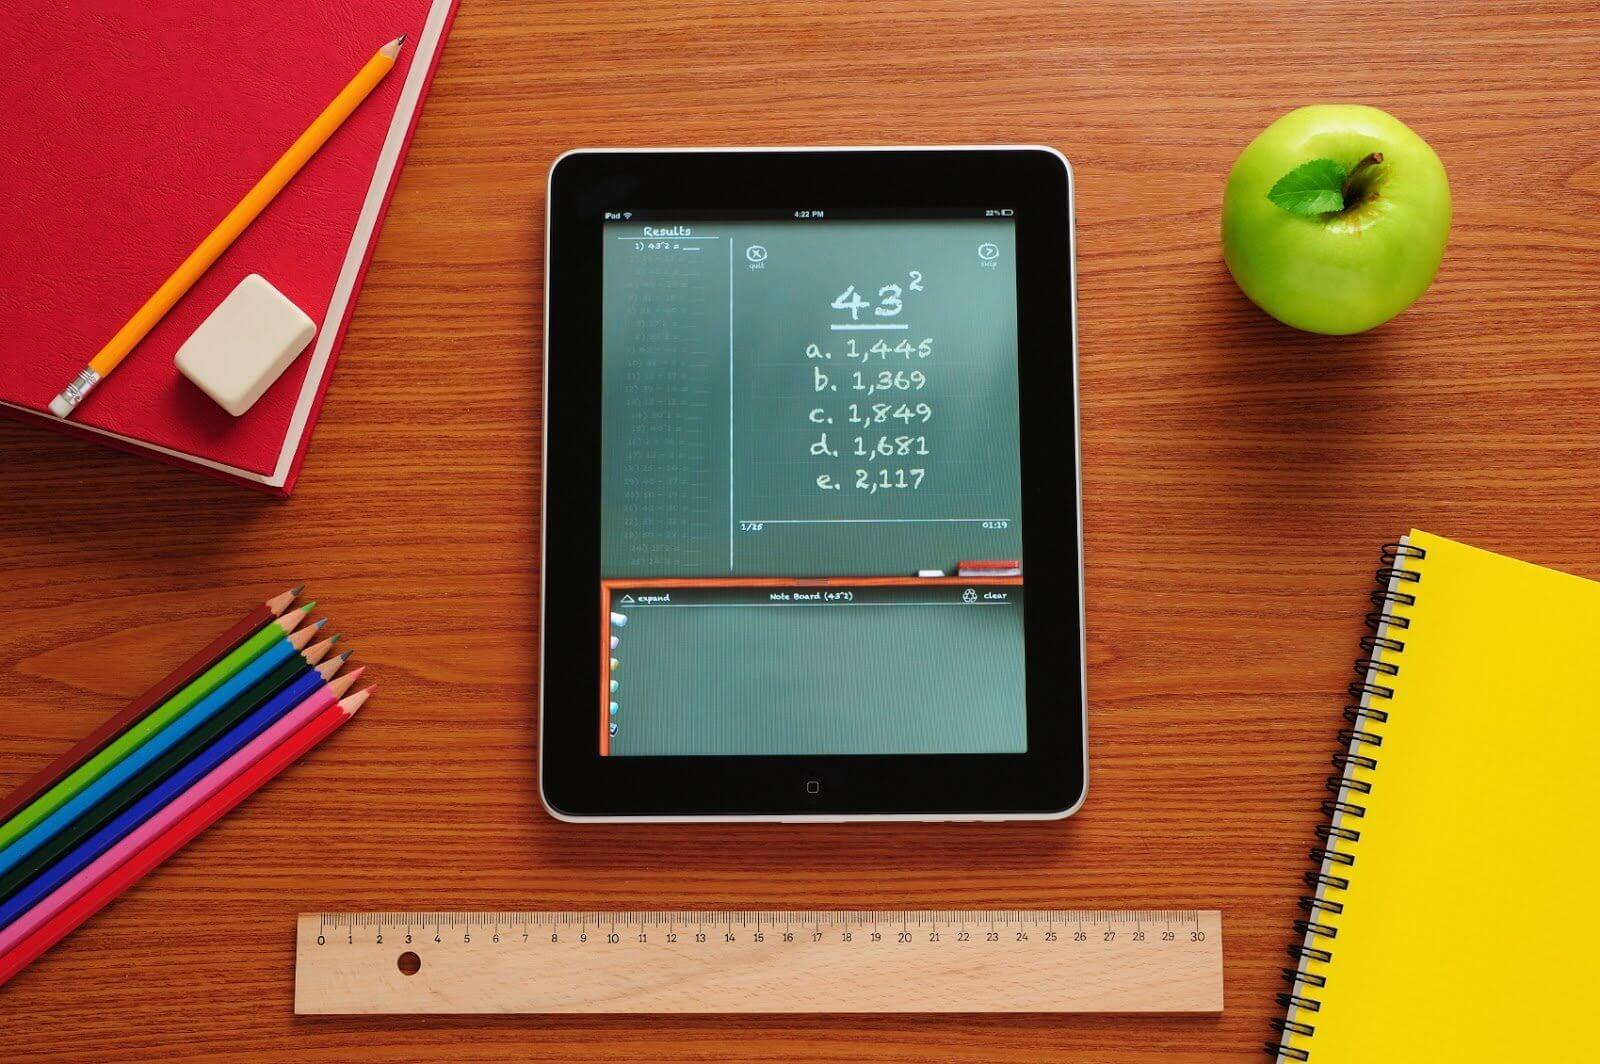 smt mc learn educao2 - Economia do Futuro para a Educação: Produção